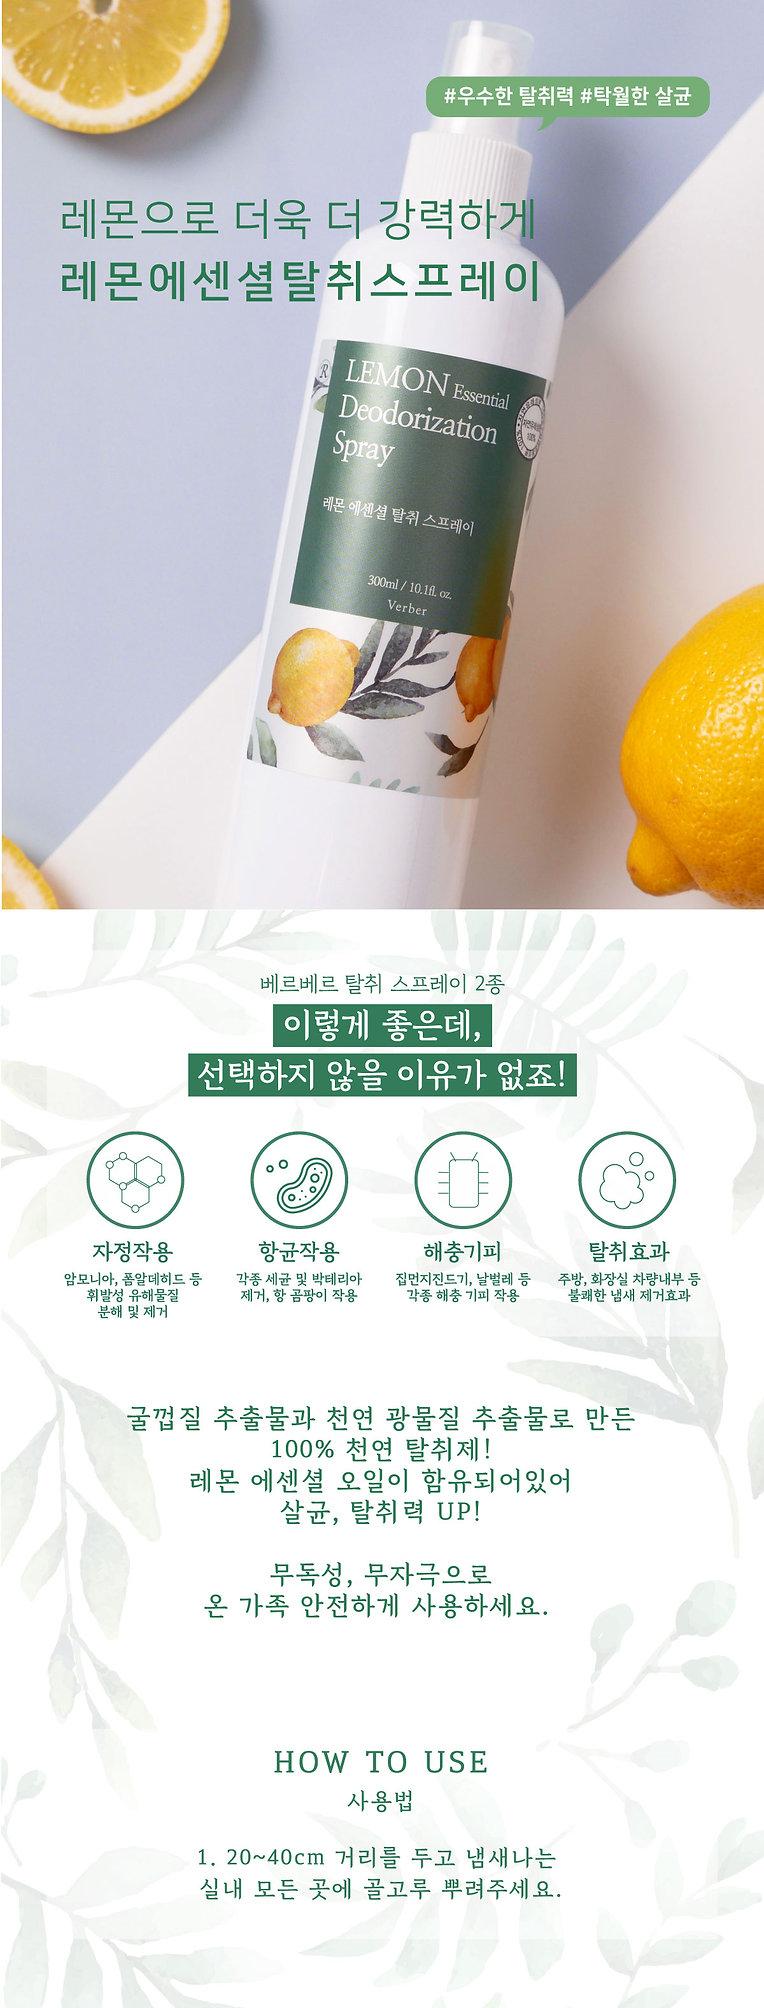 레몬탈취스프레이-상세페이지-1.jpg